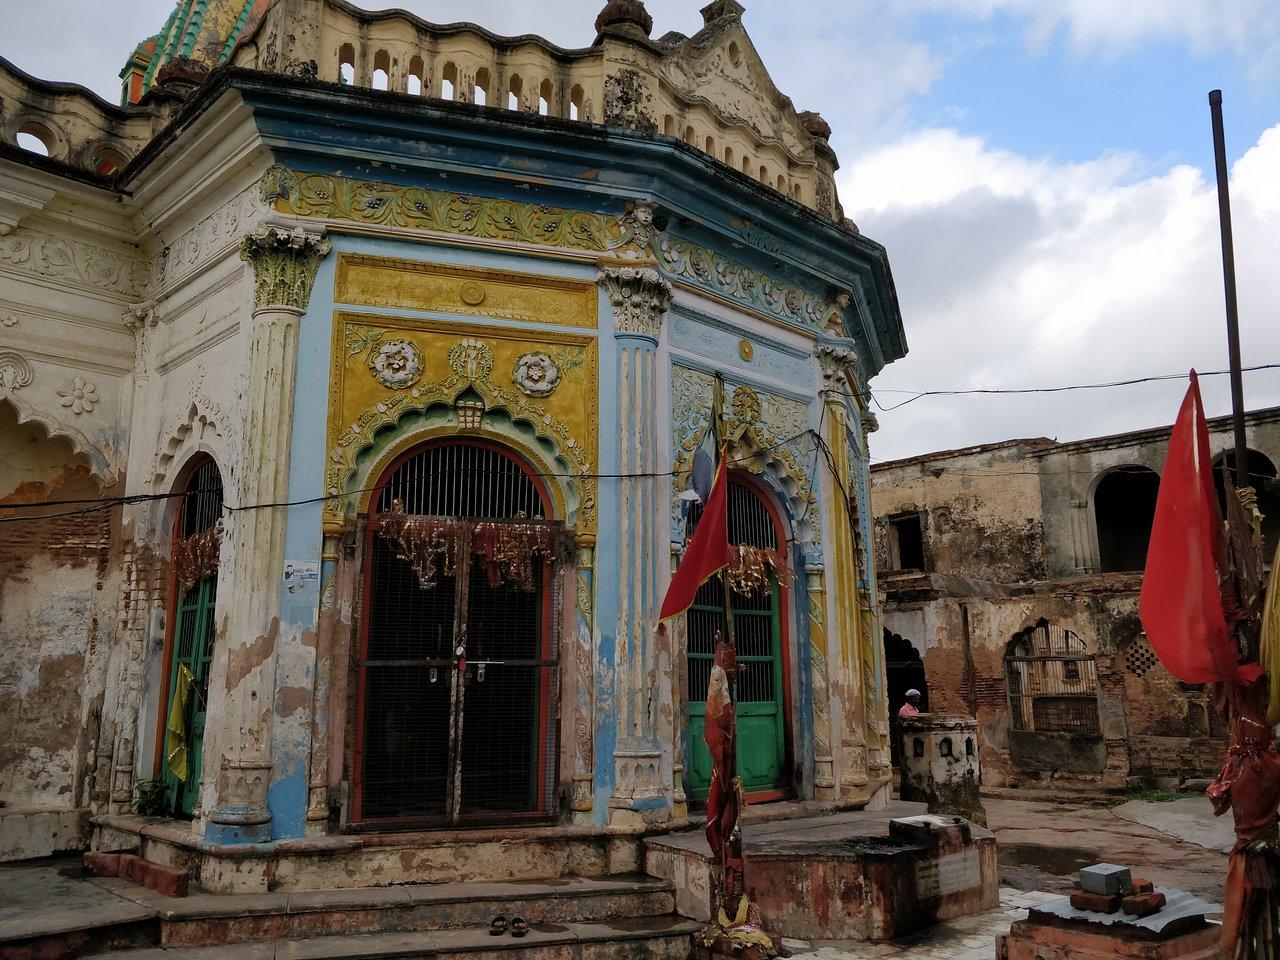 Top Prominent Place to See in Ayodhya-Sita Ki Rasoi